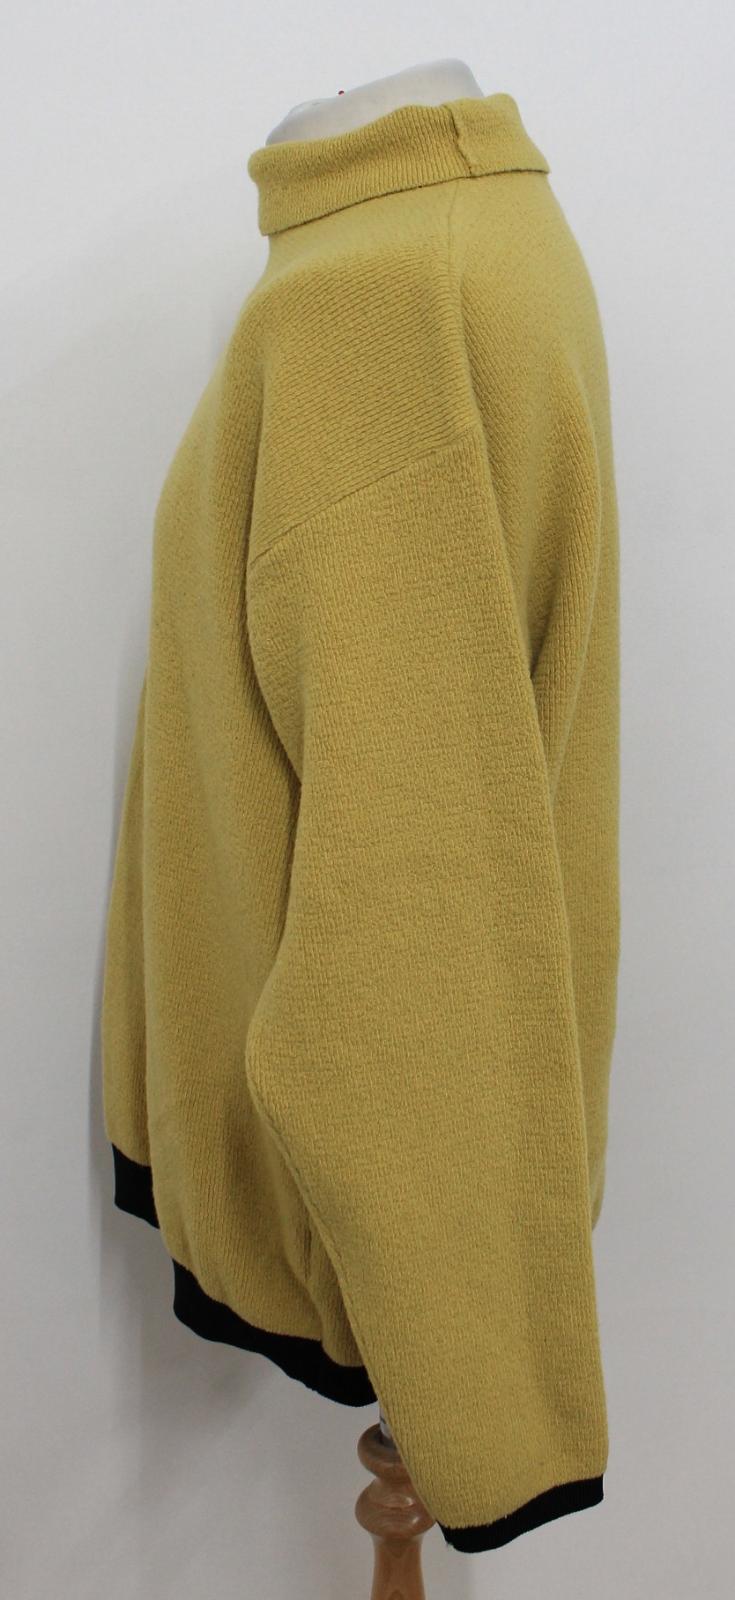 BONEVILLE Uomo Uomo Uomo Nero Giallo Limone Orlo Maglione a maniche lunghe misura XL ca. 18acce